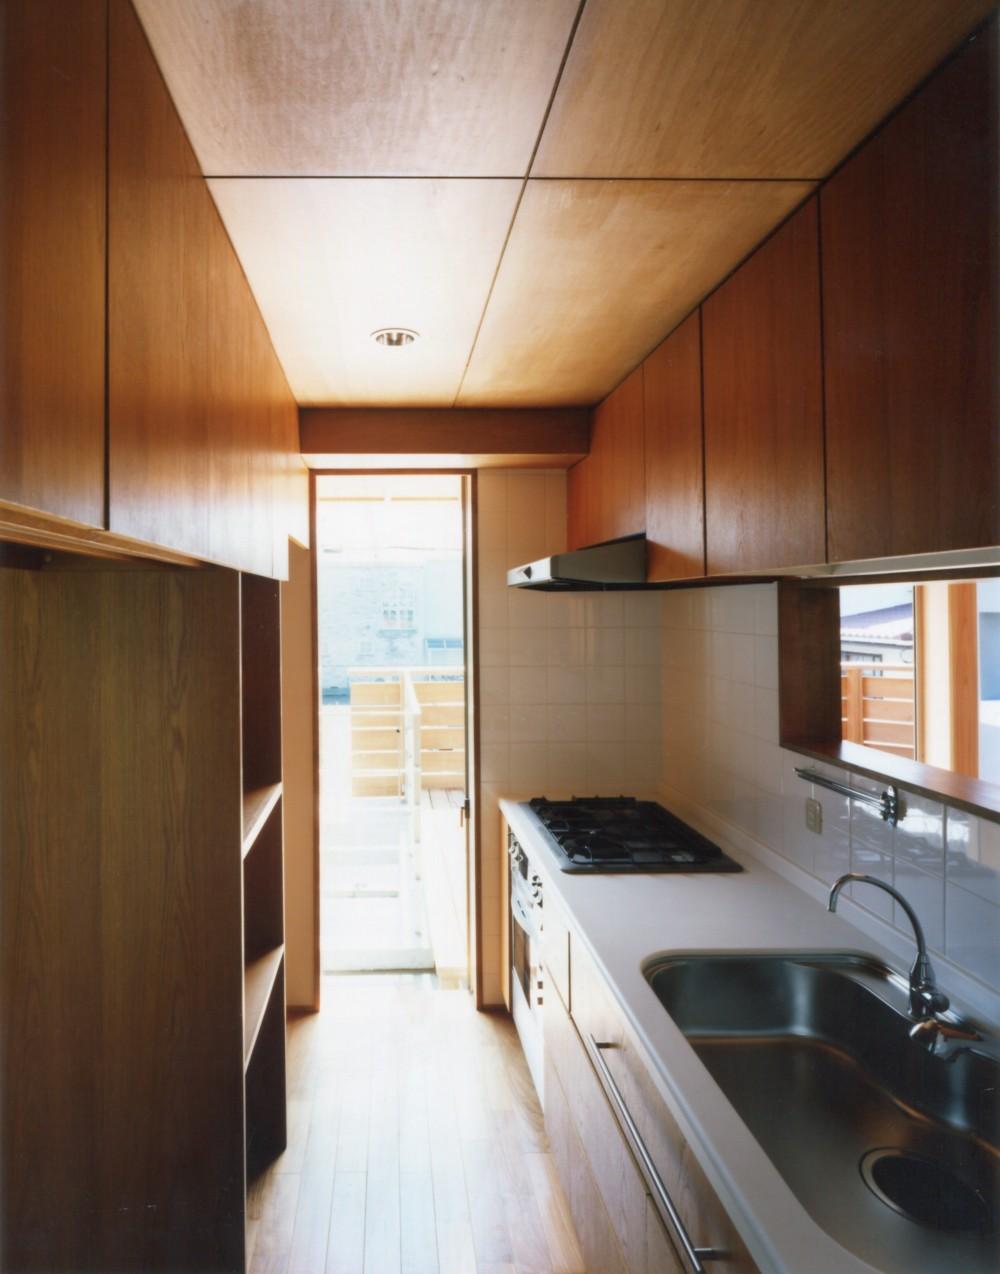 【自由が丘の家】  宙に浮いたテラスが特徴の住宅 (キッチン)